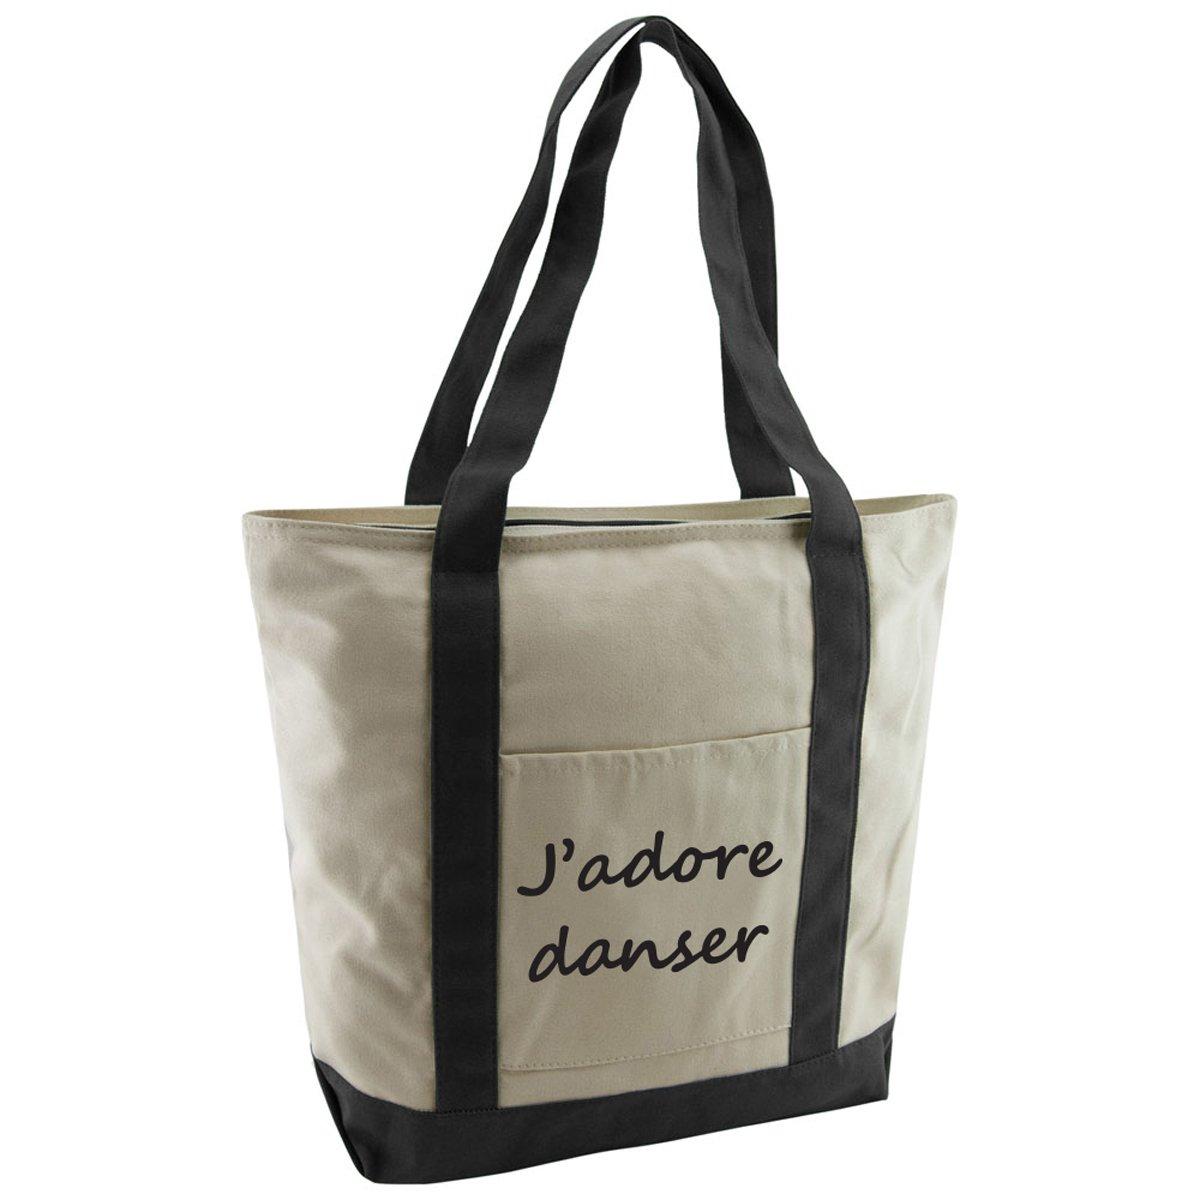 597c18cb6d5e Women s Dance Saying Cotton Canvas Tote Bag - J adore Danser on sale ...